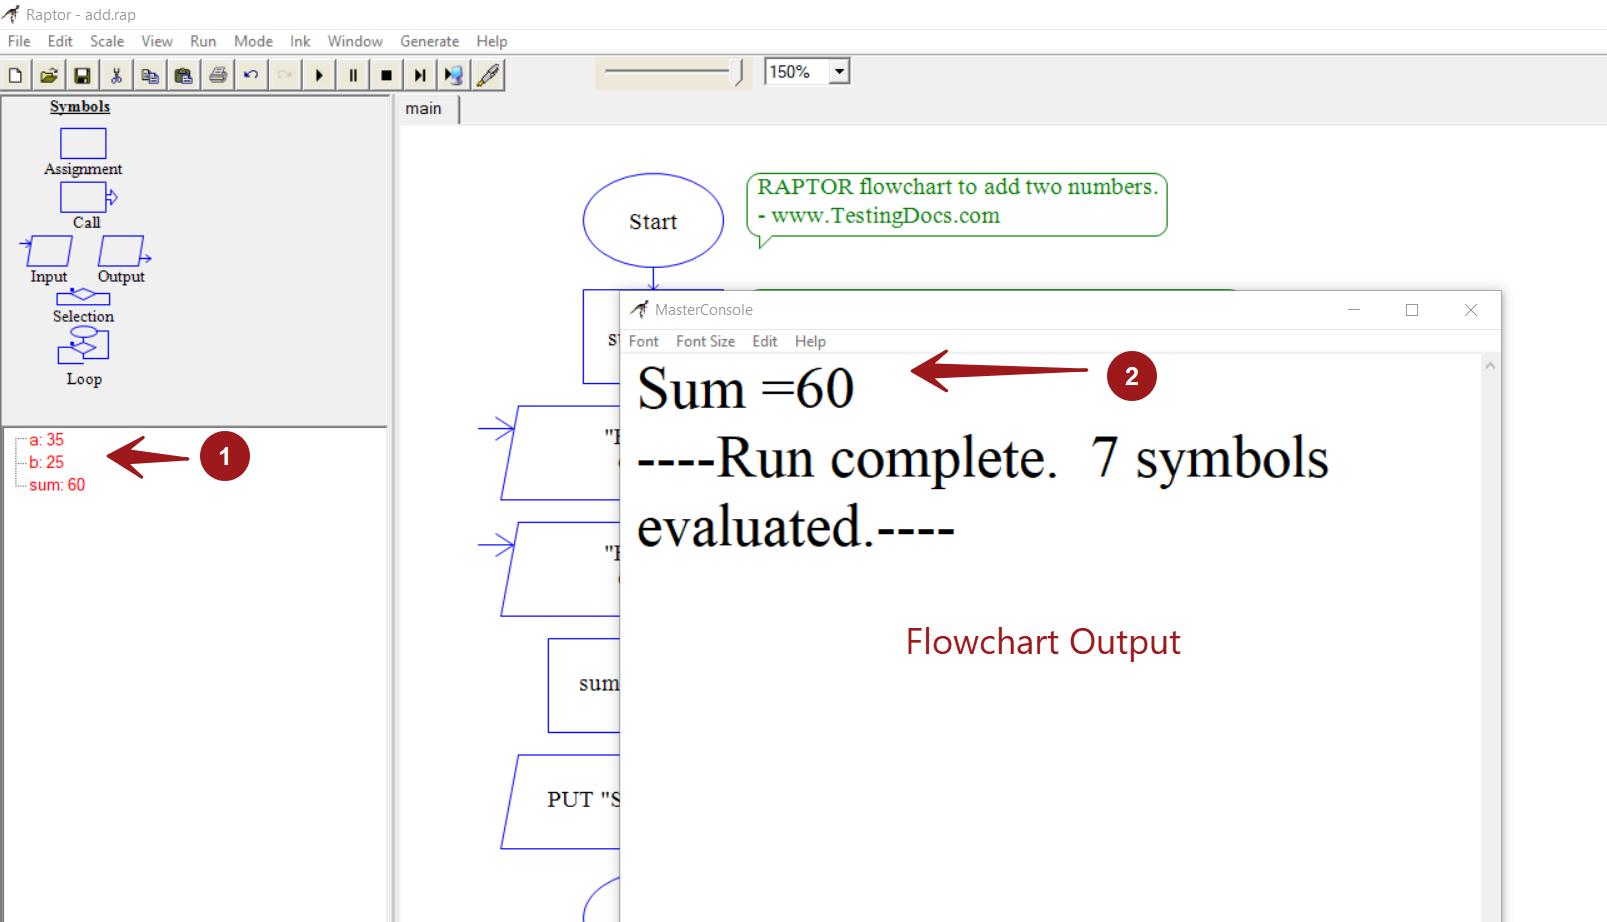 Flowchart output